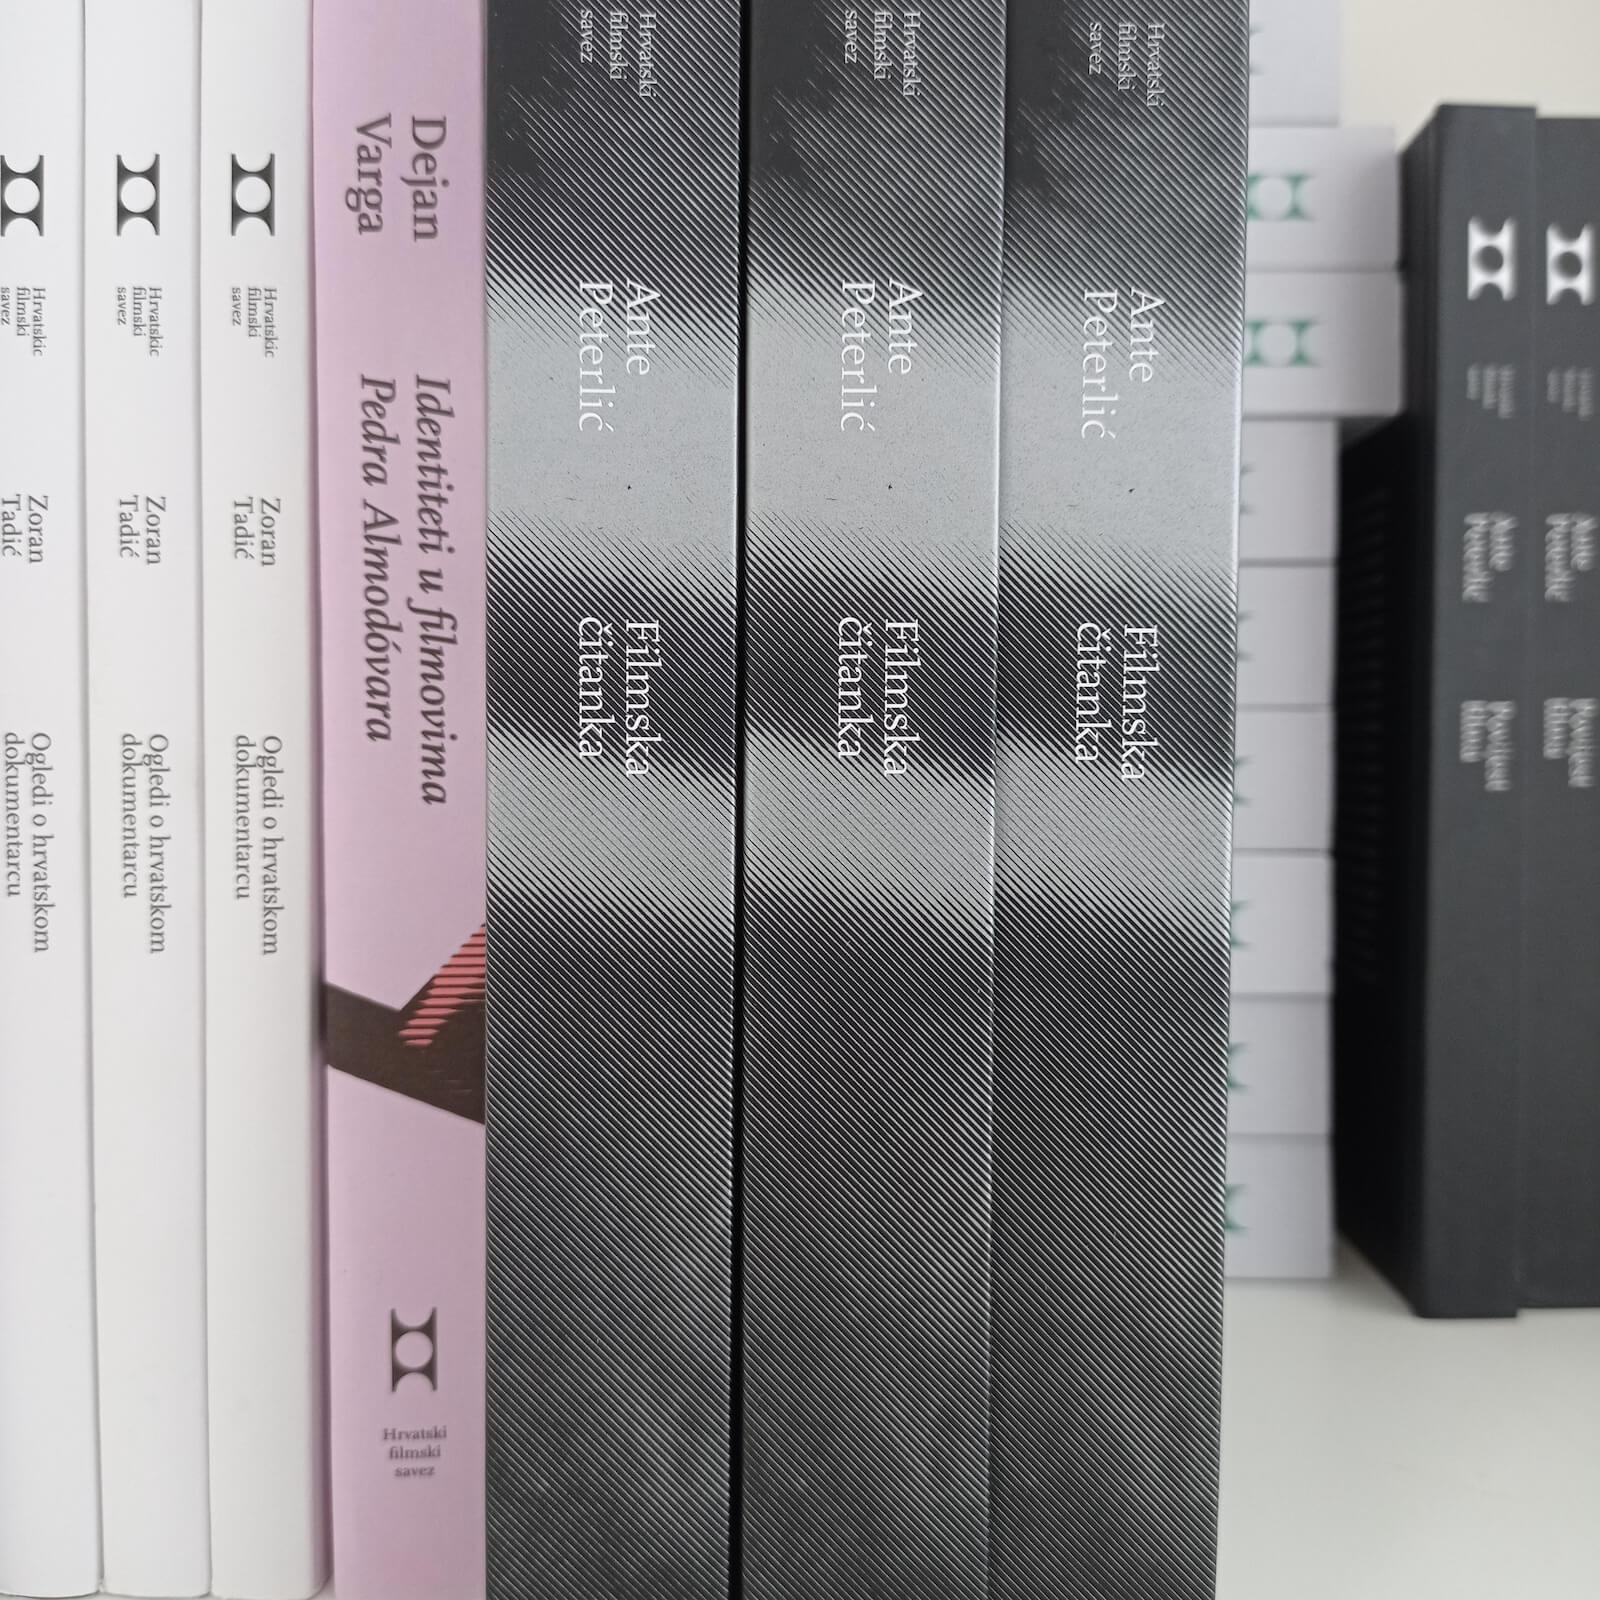 Predstavljanje novih izdanja knjiga HFS-a u Gradskoj knjižnici Varaždin